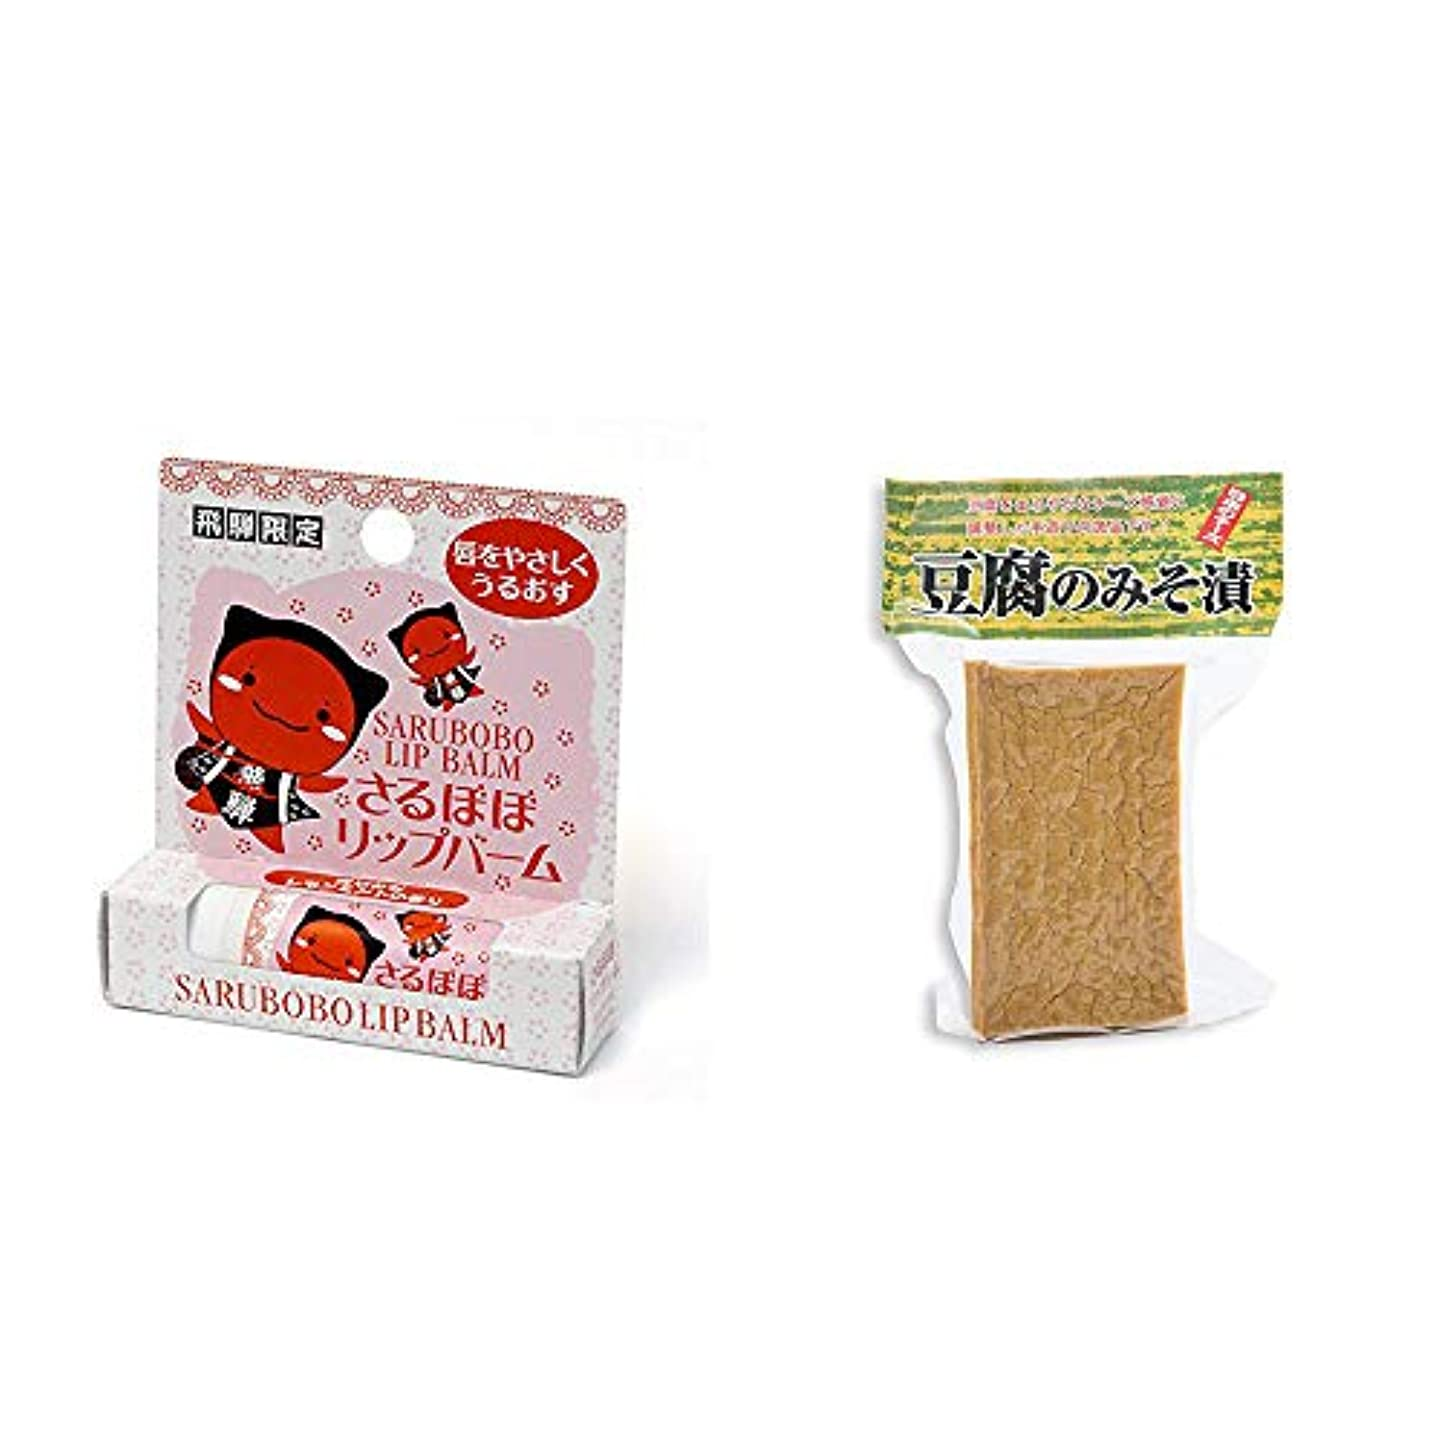 到着ダーリン変形する[2点セット] さるぼぼ リップバーム(4g) ?日本のチーズ 豆腐のみそ漬(1個入)